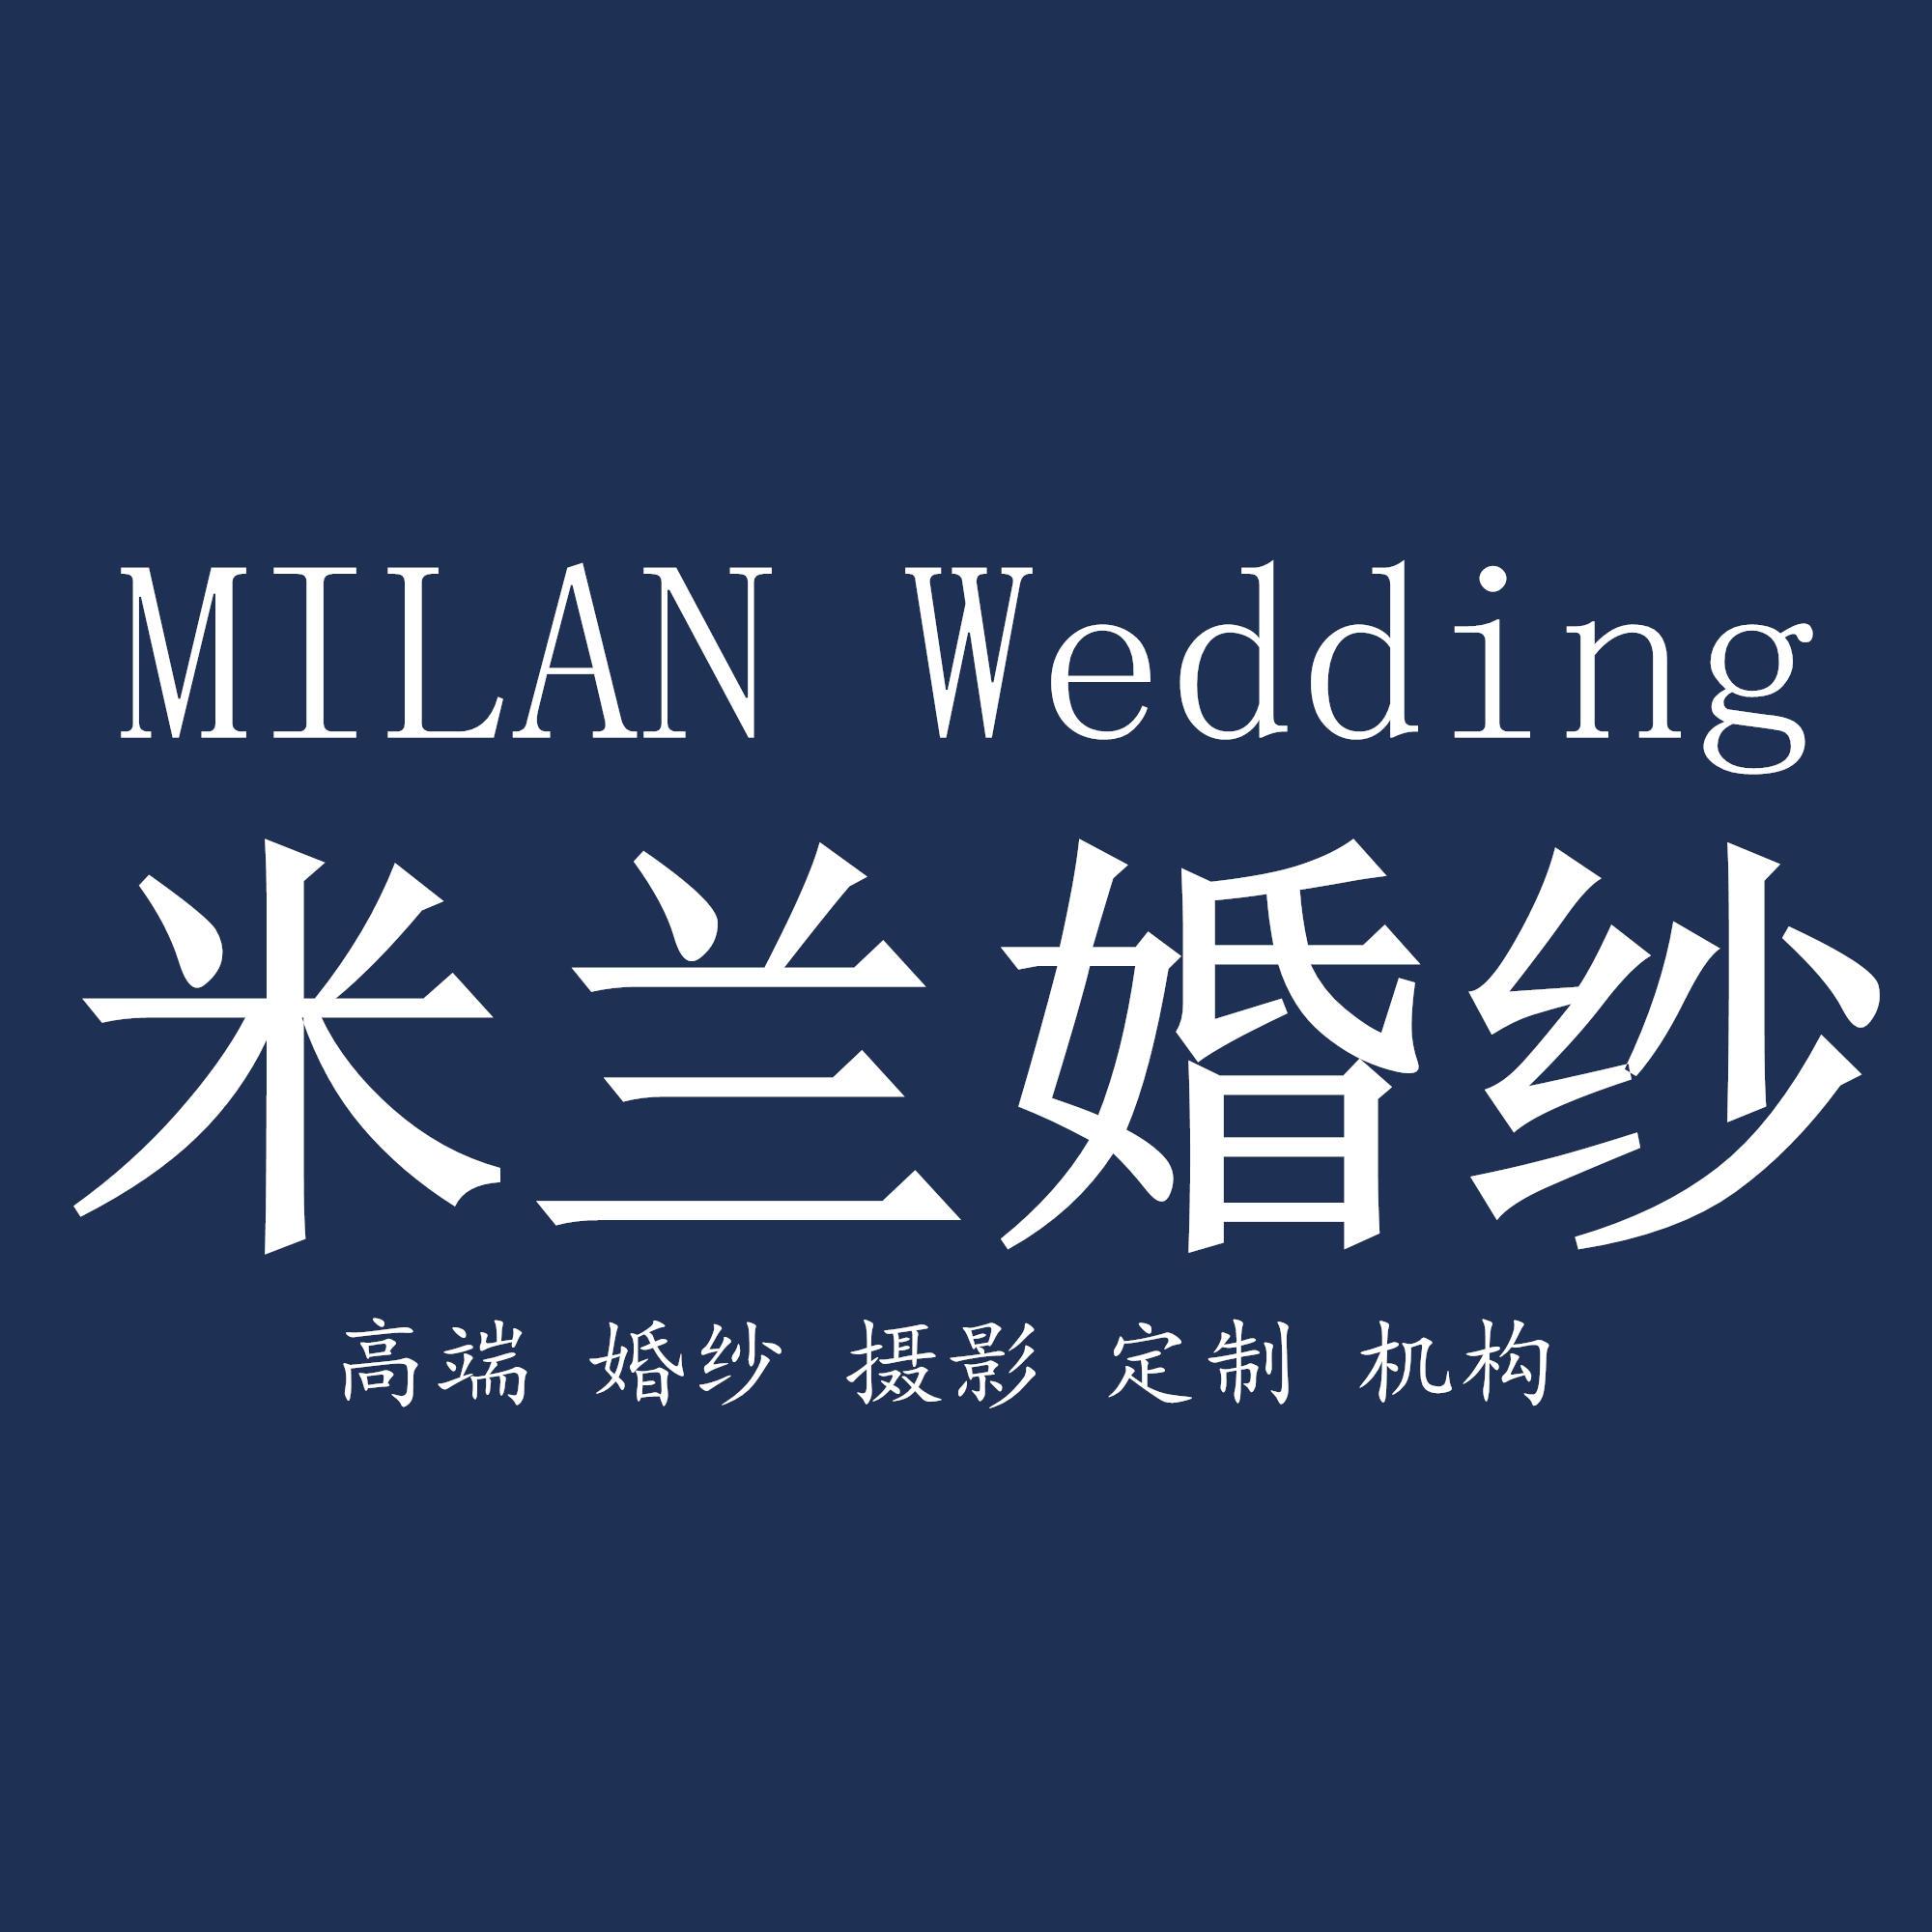 米兰婚纱摄影(龙岗/龙华总店)